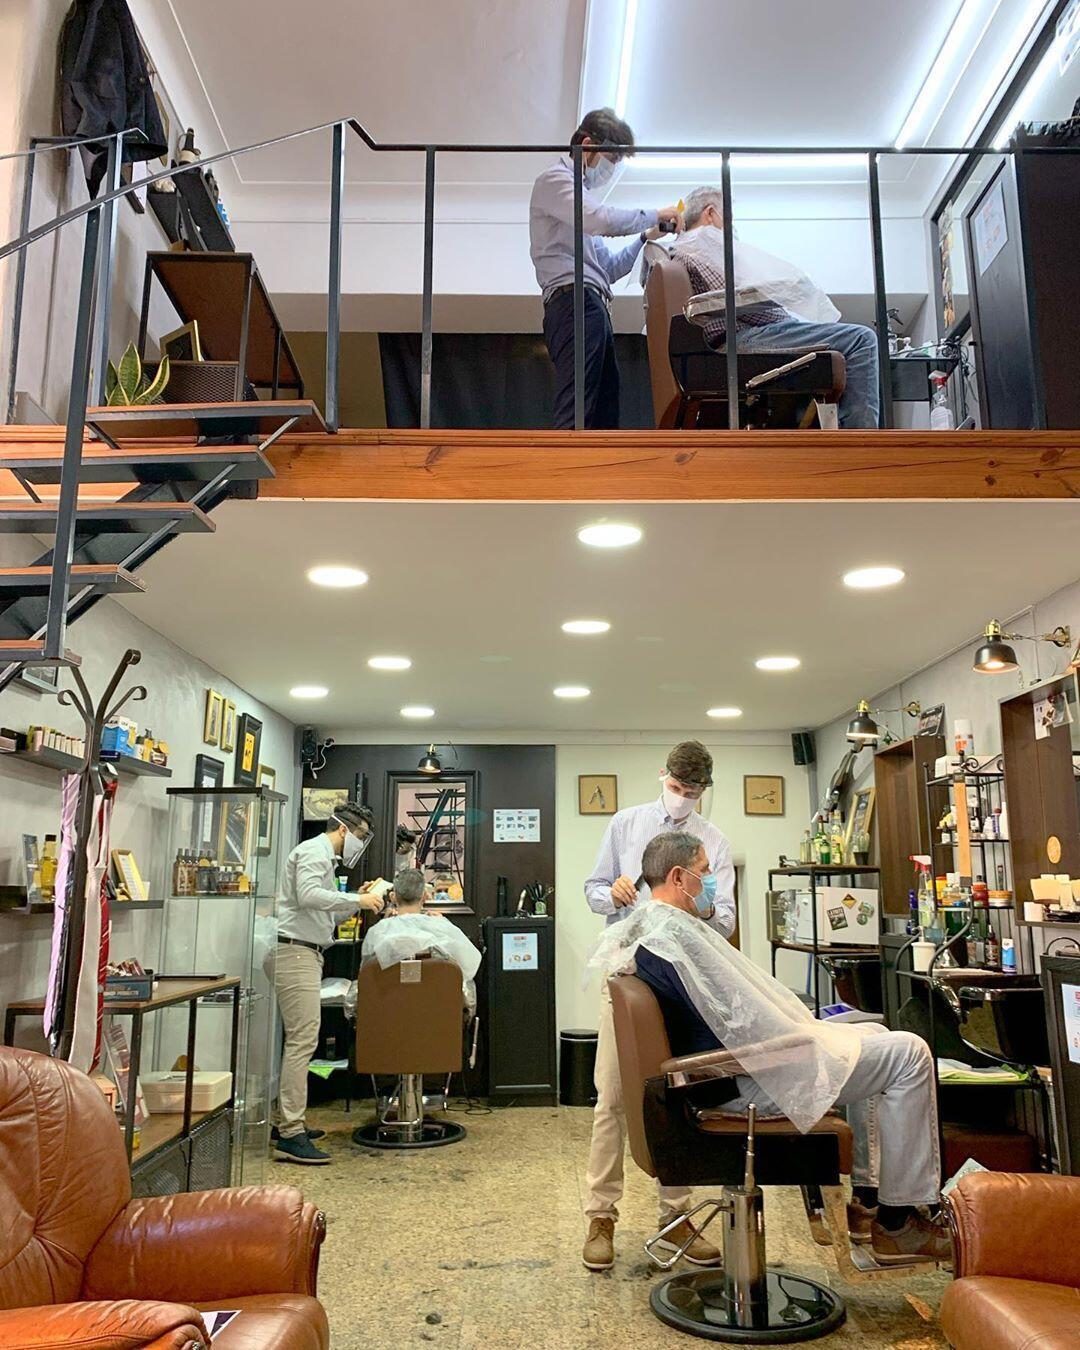 Fellipe Santiago, que é natural de Barra do Piraí, cidade do estado do Rio de Janeiro, tem uma barbearia na cidade de Lisboa há três anos.